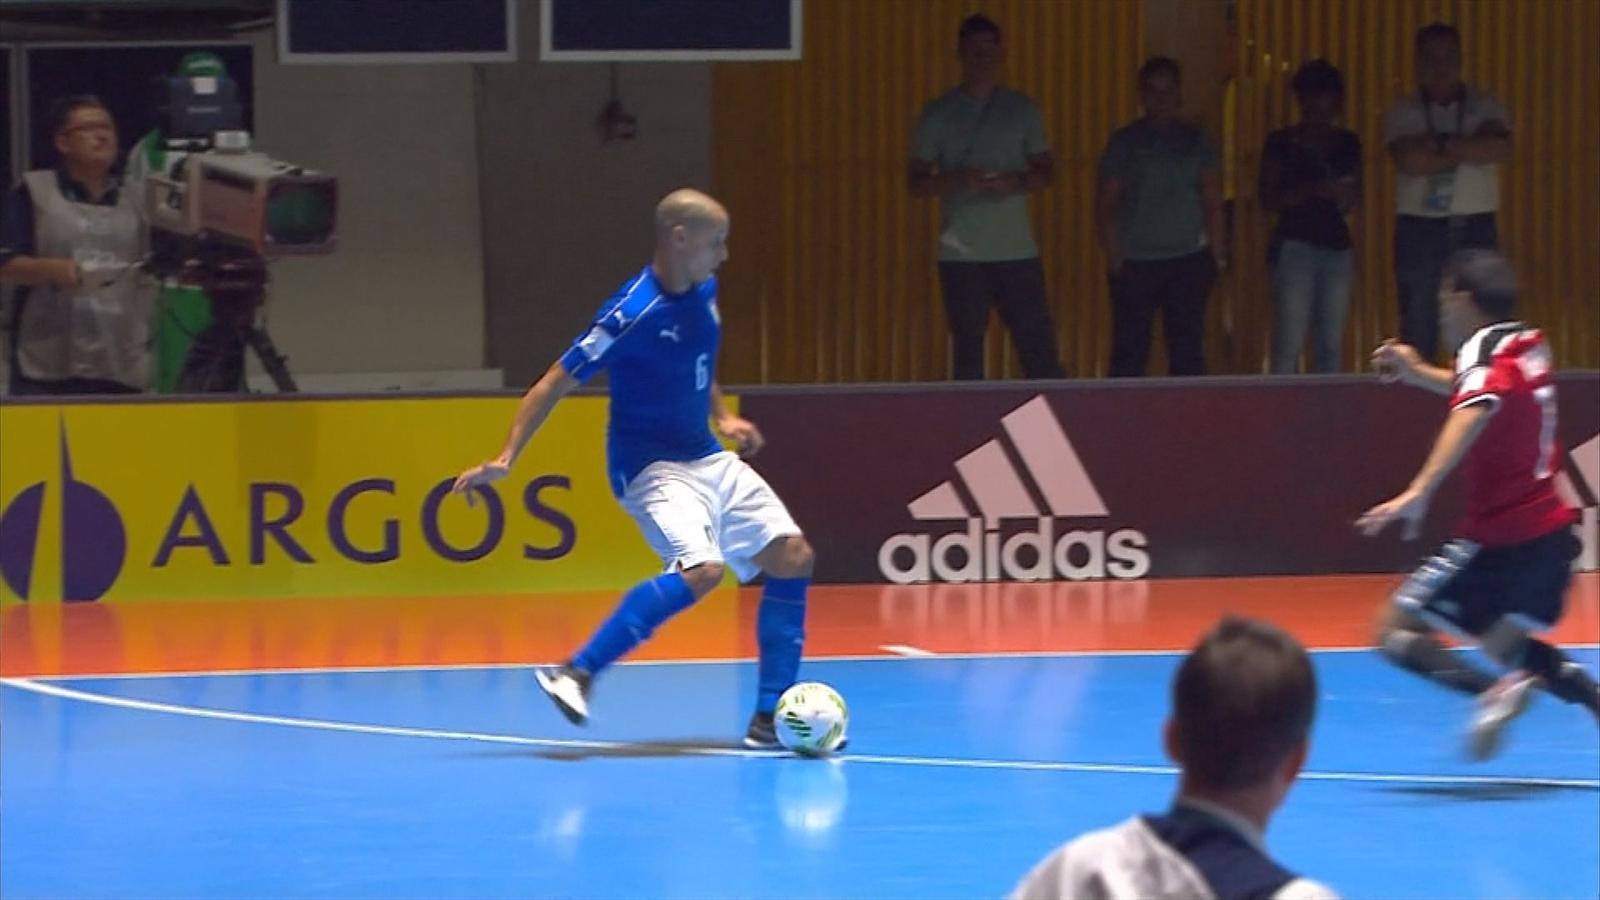 Mundial Colombia Italia3 4 2016Otro Fútbol Carga SorpresónEgipto A Sala Se 0v8wNmn